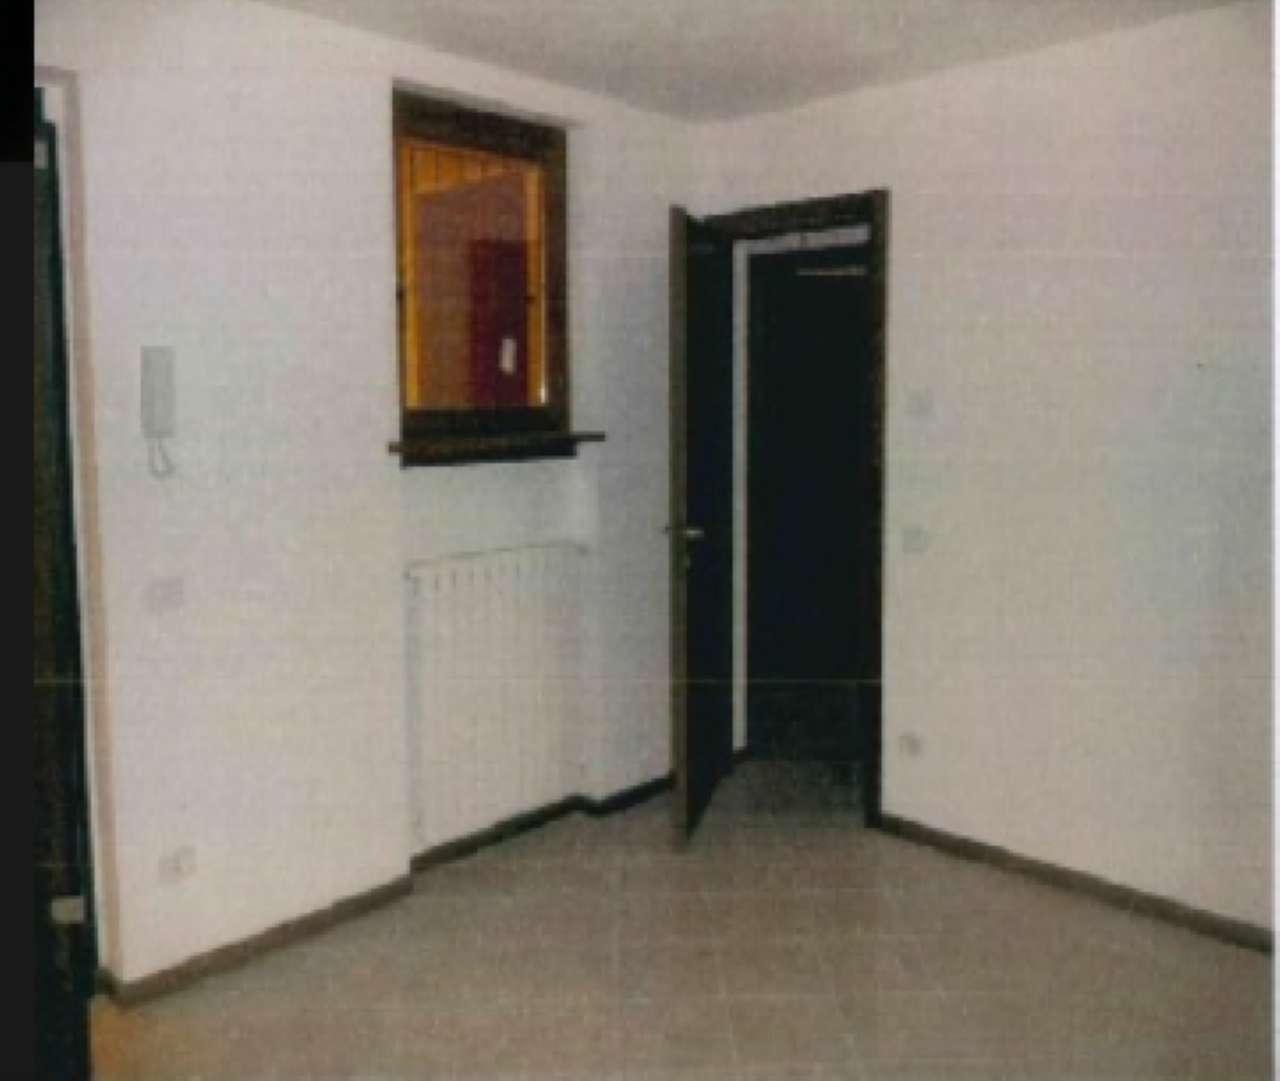 Appartamento in vendita a Lenna, 2 locali, prezzo € 27.800 | PortaleAgenzieImmobiliari.it